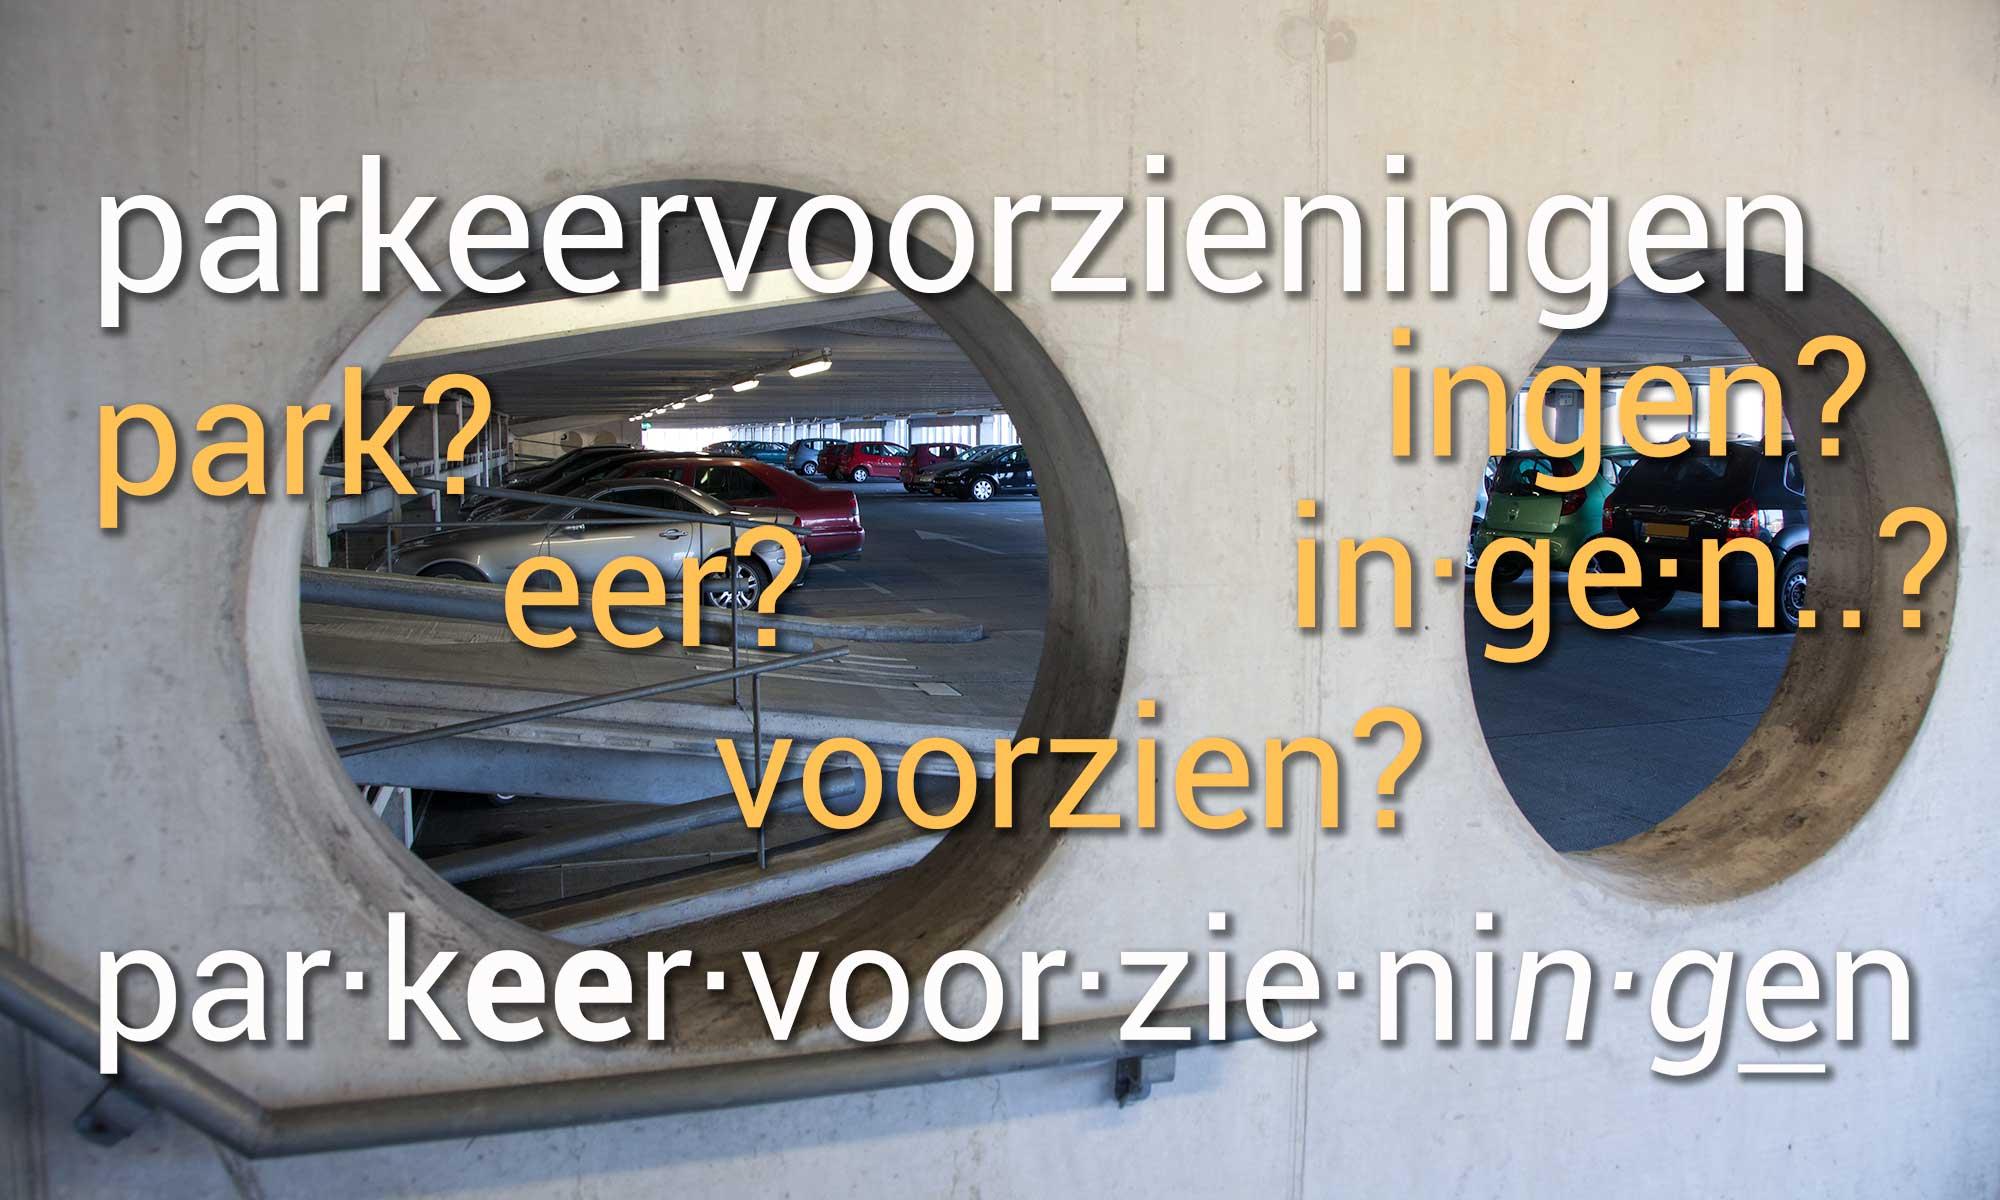 exemple de fractionnement d'un long mot néerlandais en syllabes; apprenez à diviser chaque mot en néerlandais avec l'application de Prosults Studio